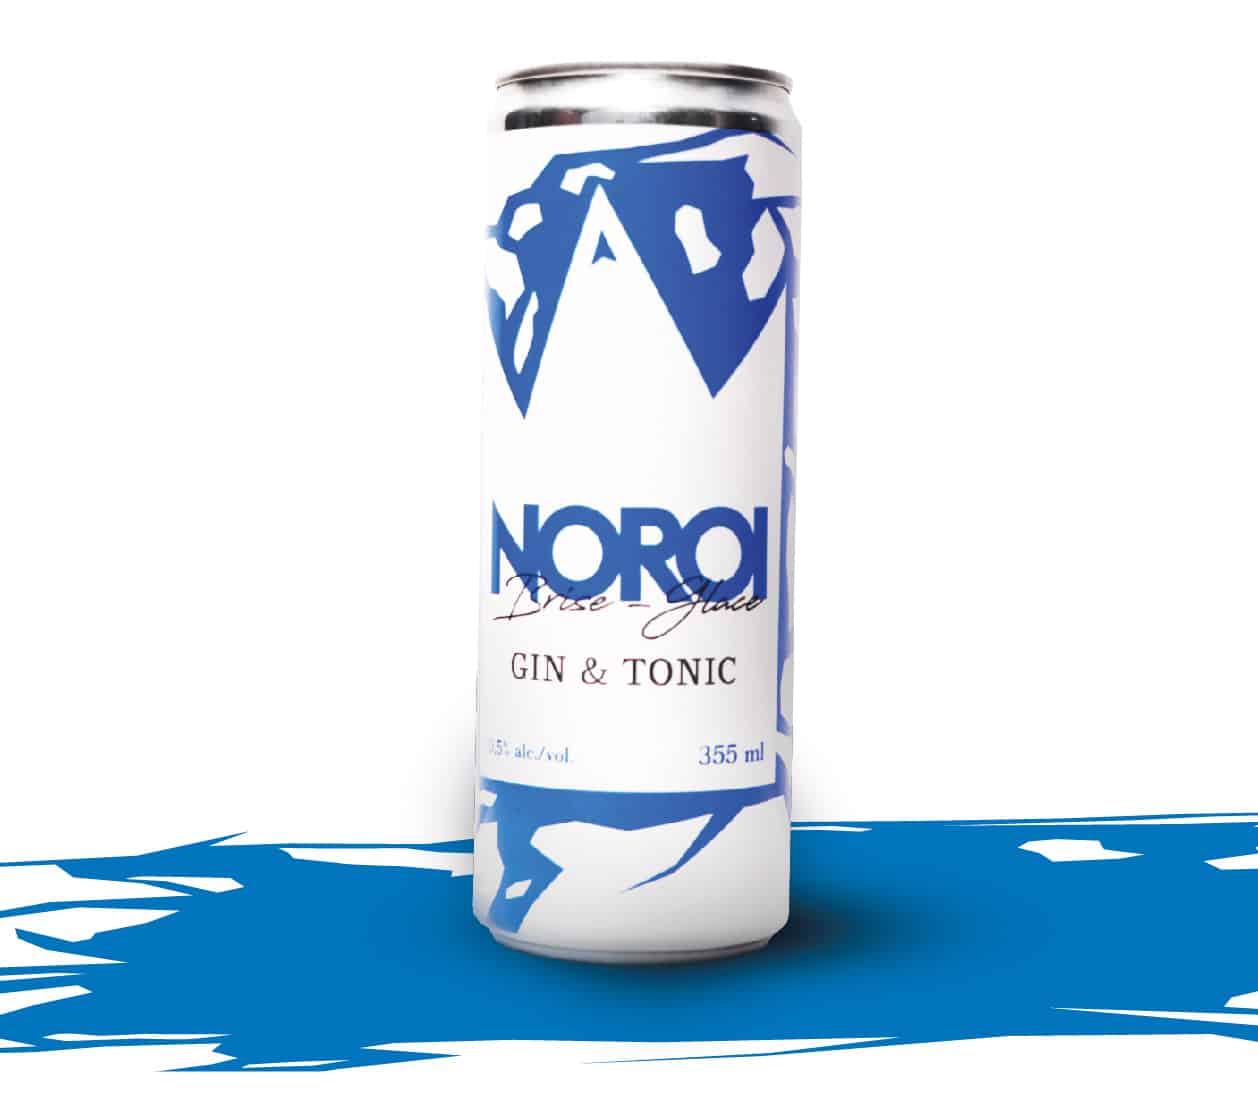 Brise-Glace de Noroi, un gin-tonic sans alcool